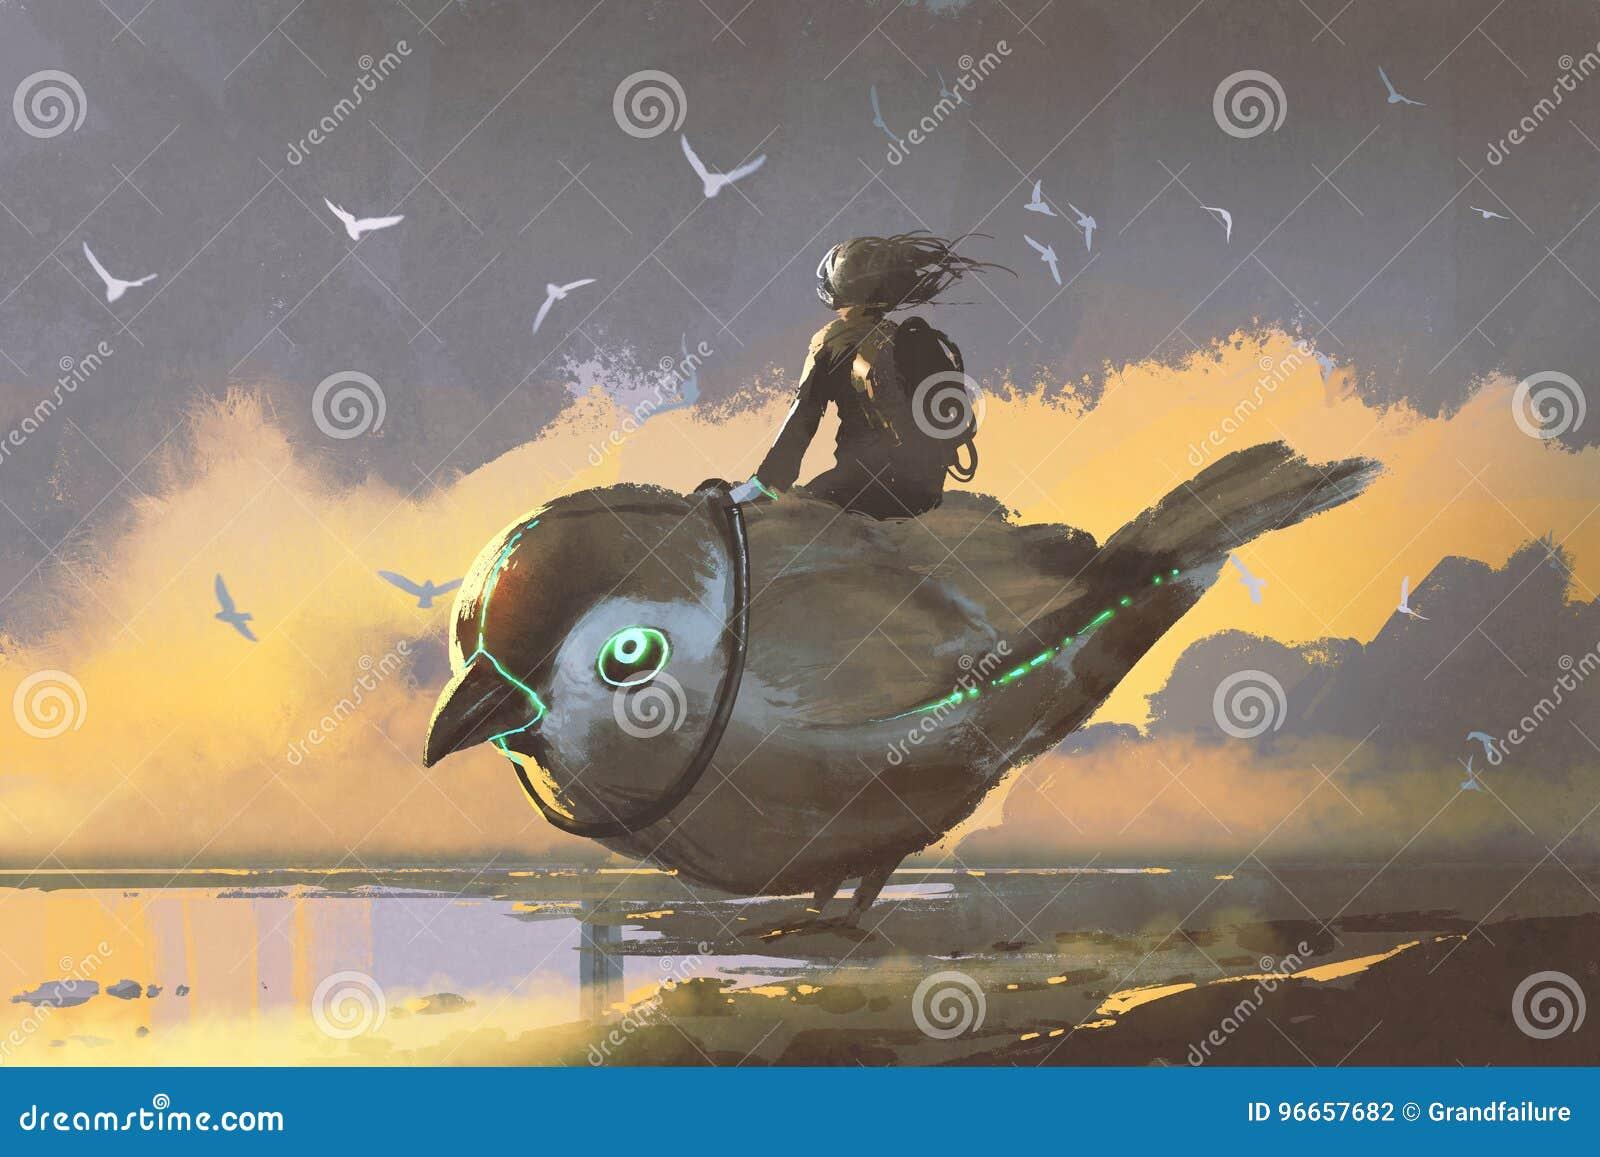 Meisjeszitting op reuze futuristische vogel